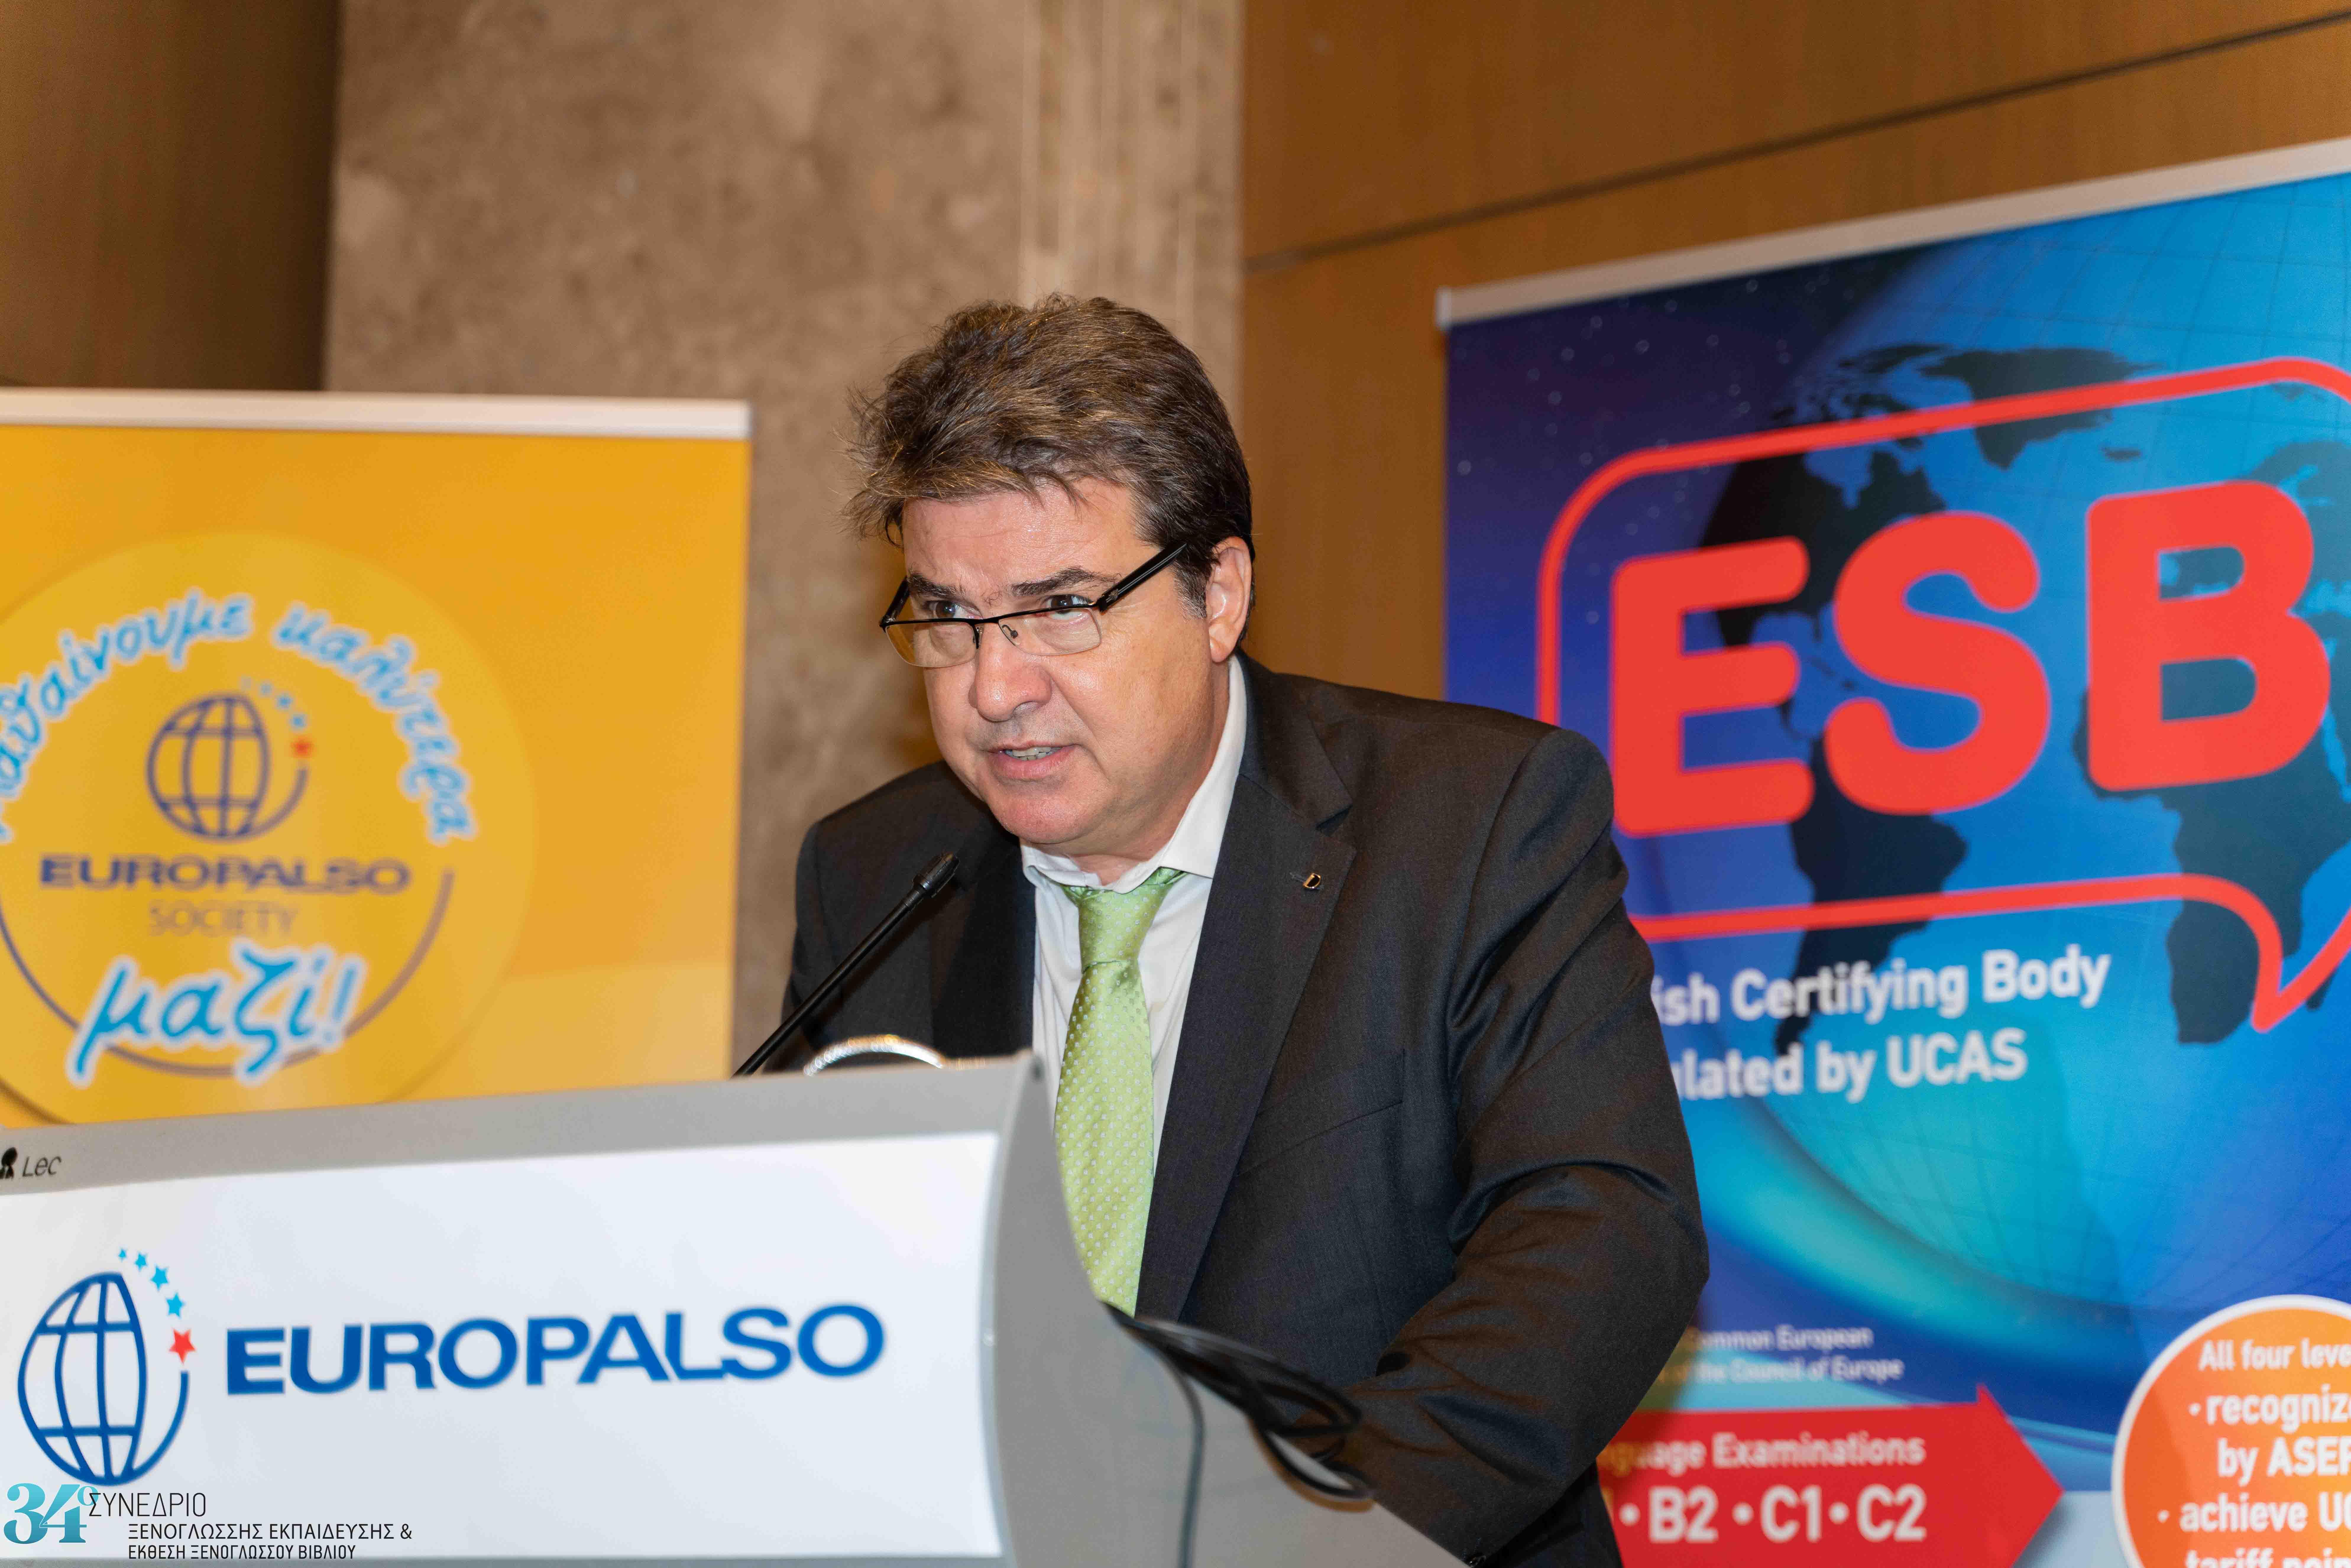 Πρόγραμμα εκδηλώσεων-δράσεων ΕUROPALSO